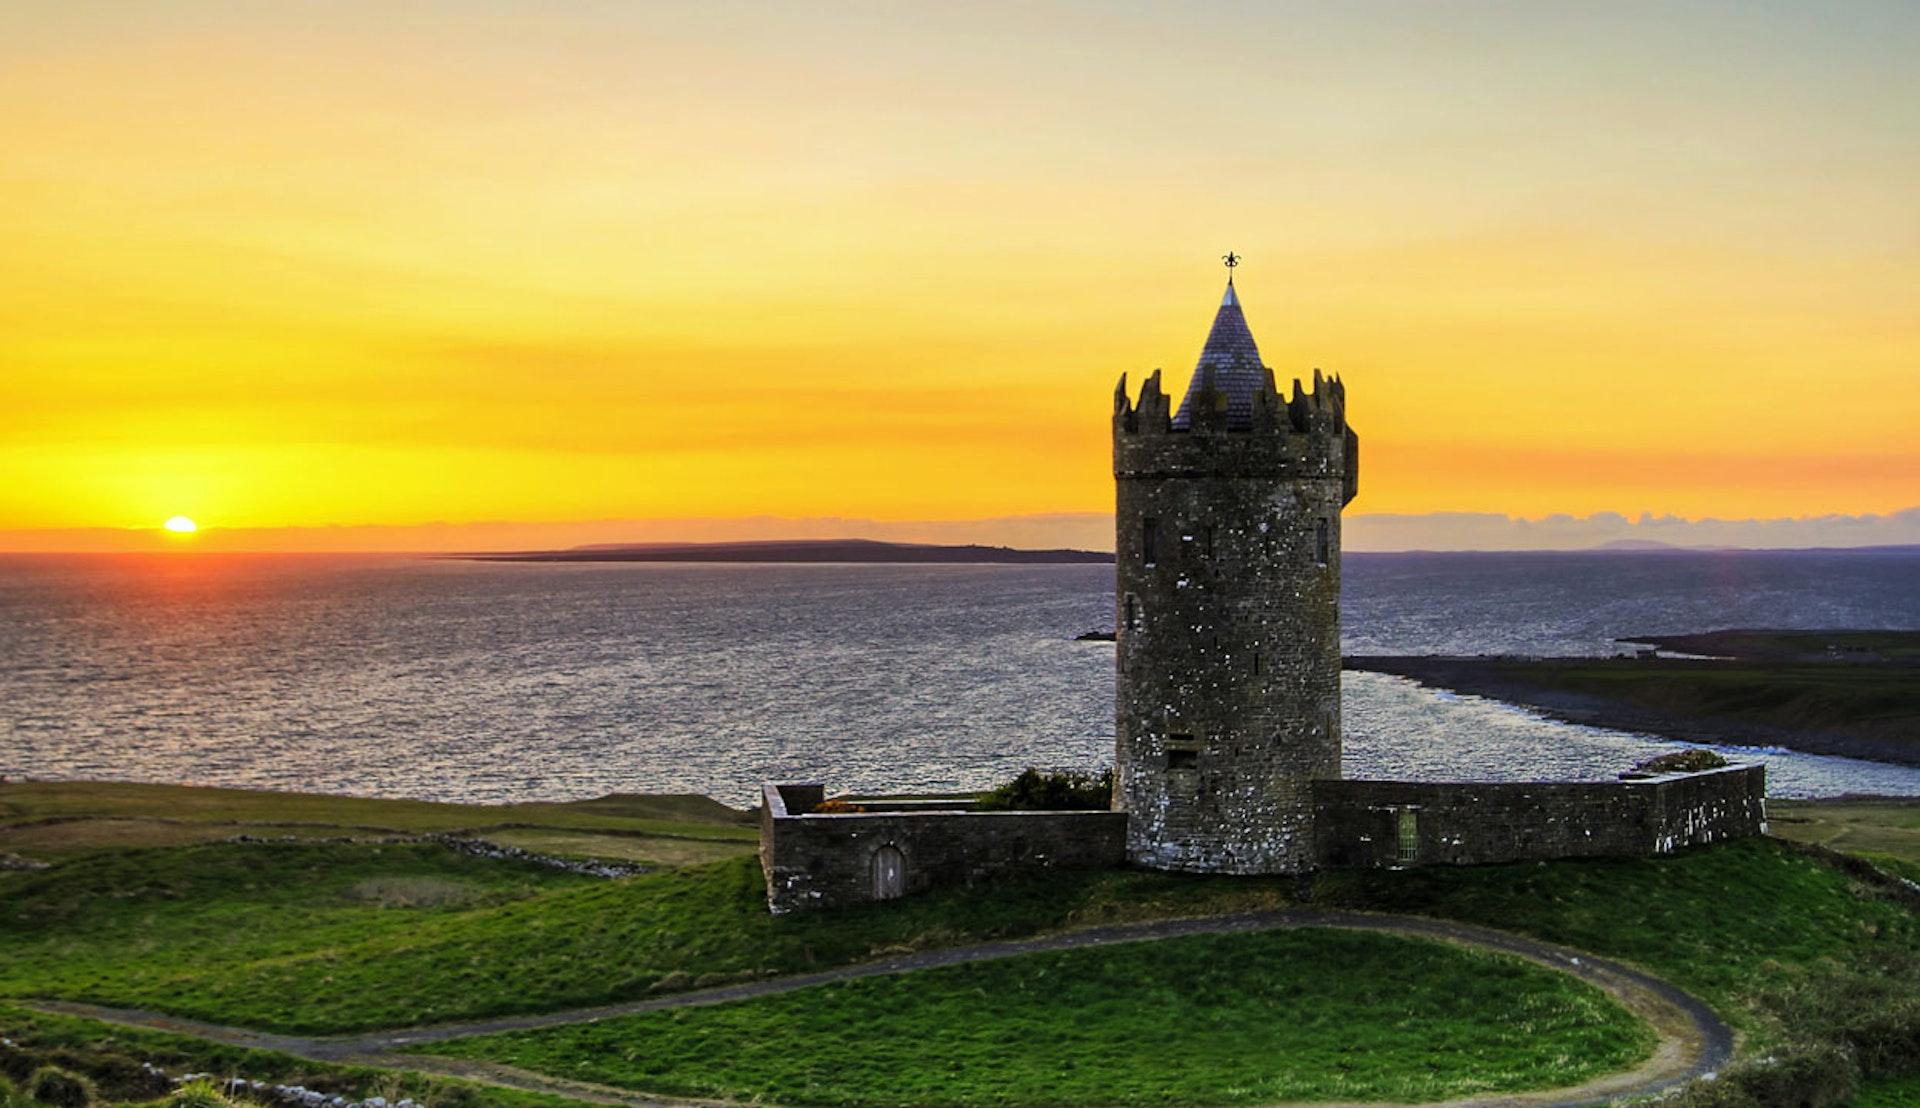 Solnedgång i Irland, med ett fort i förgrunden.